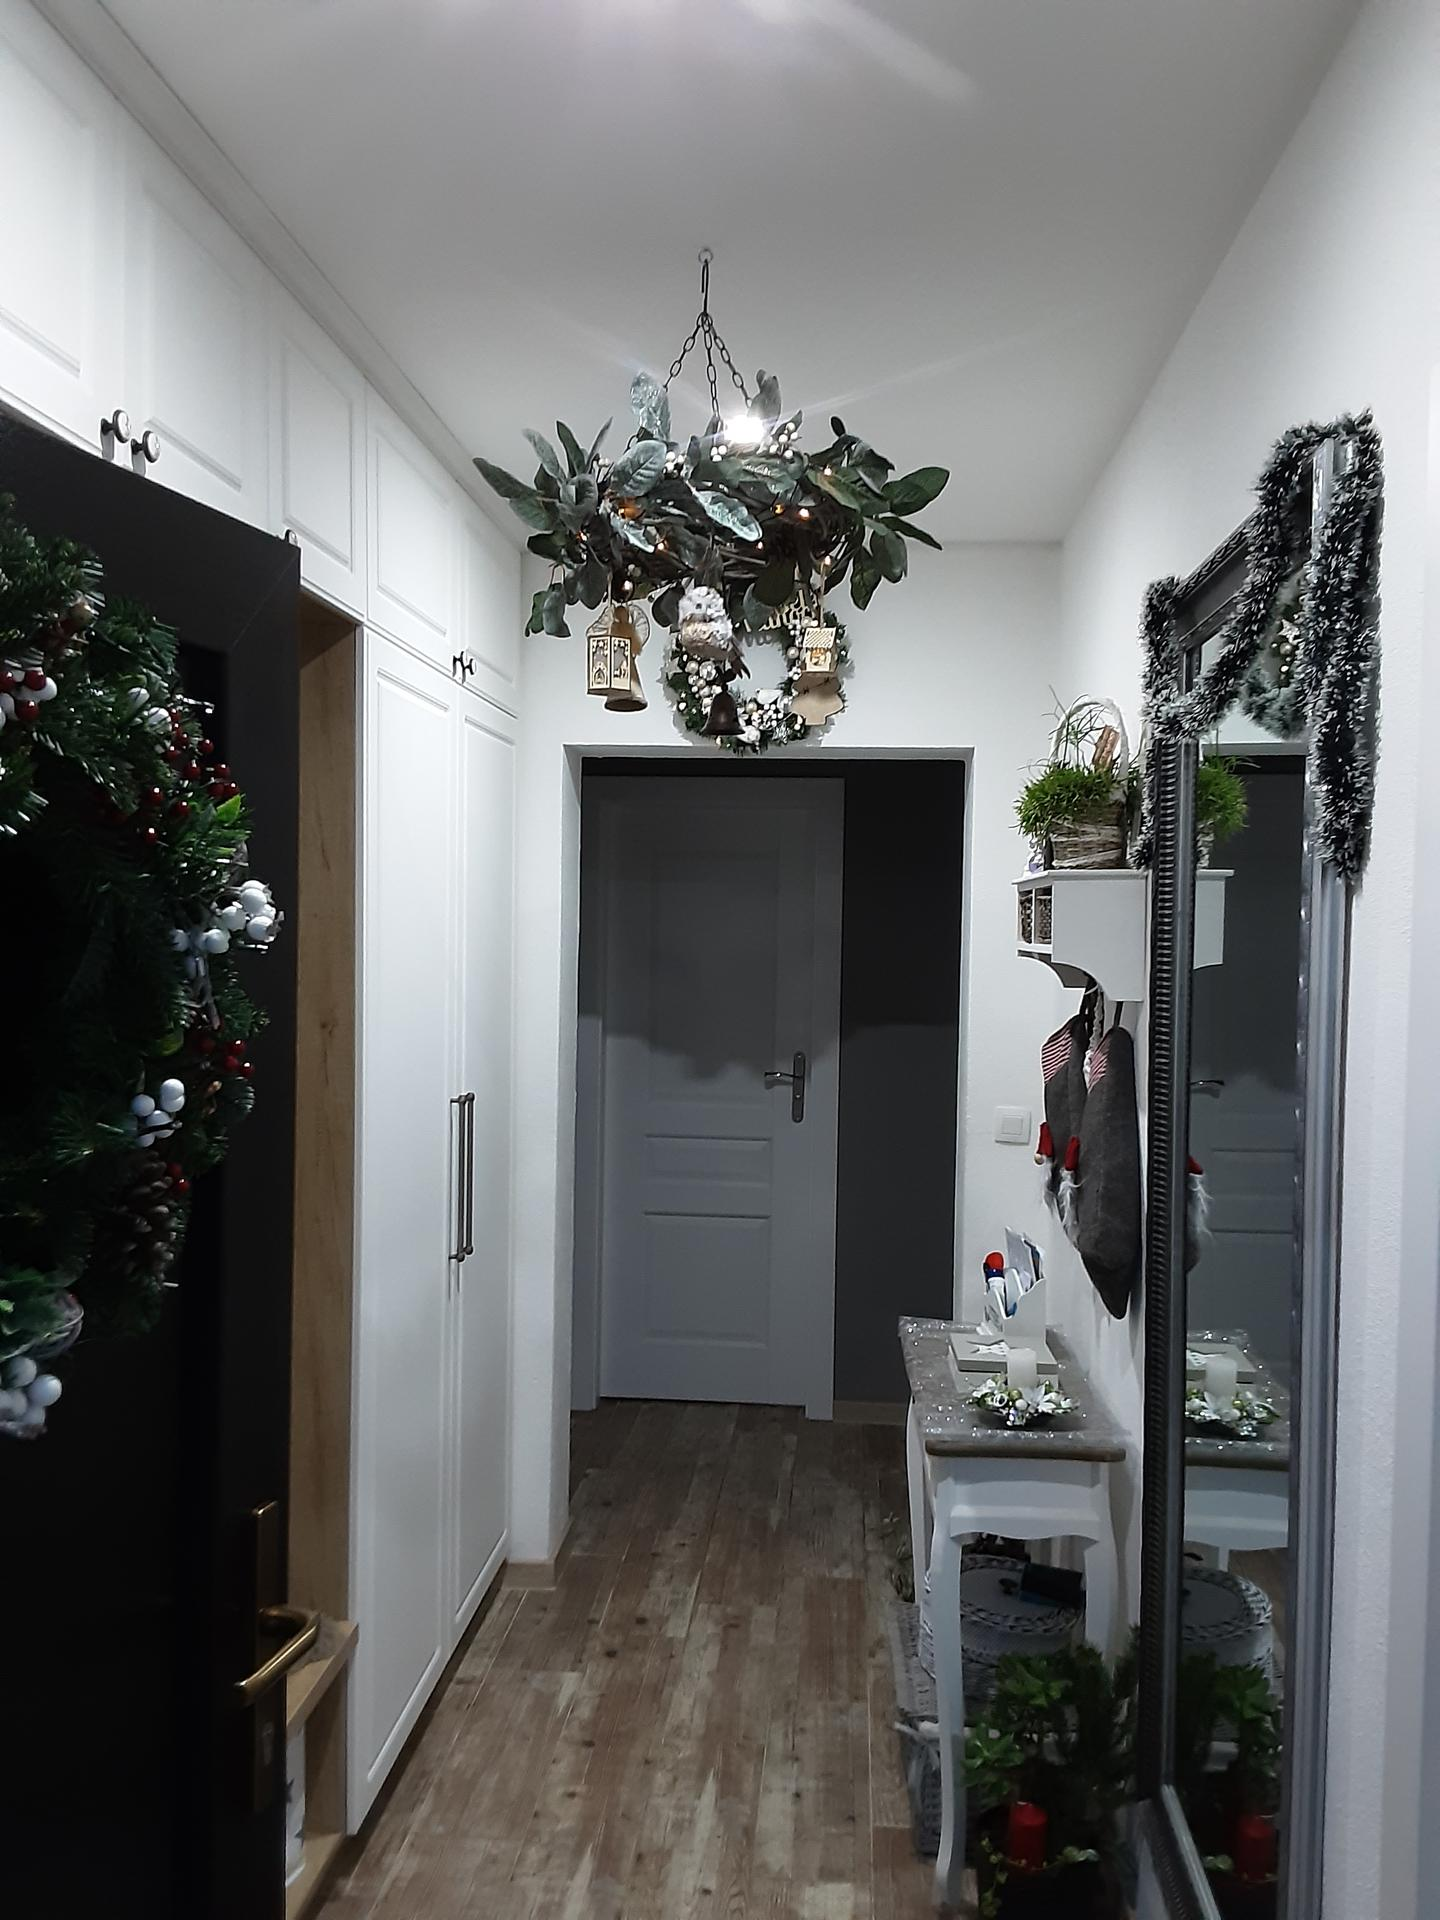 Vianočná atmosféra - Obrázok č. 3